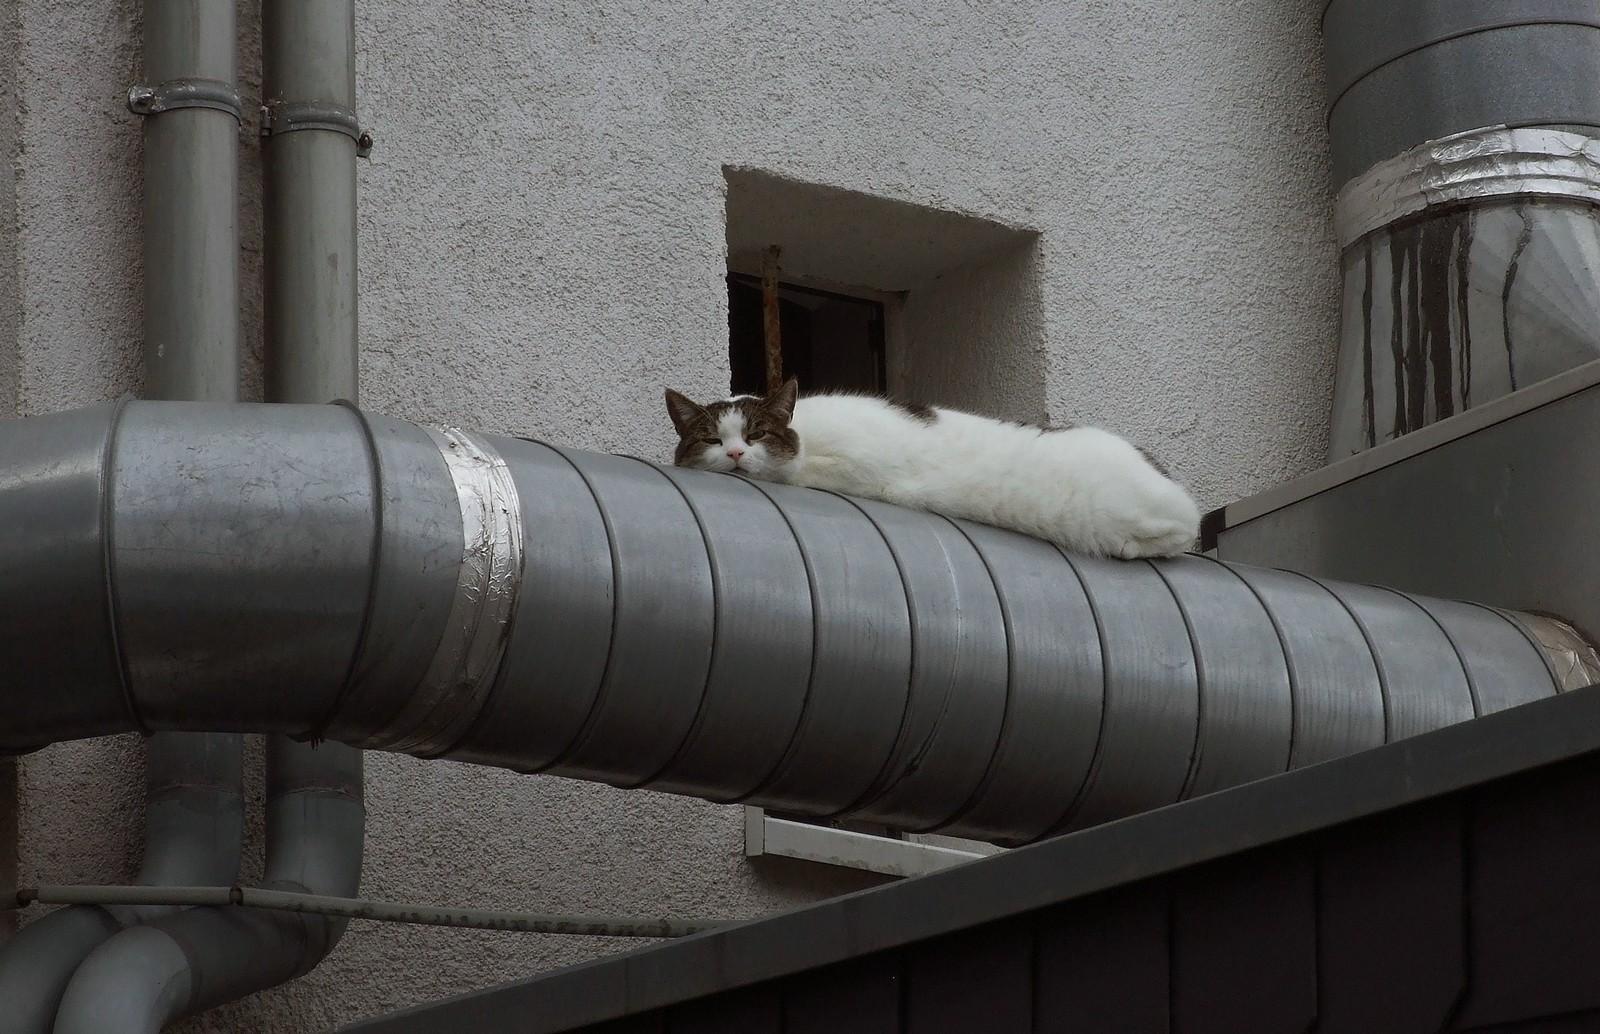 Die Katze auf dem heißen Blechrohr